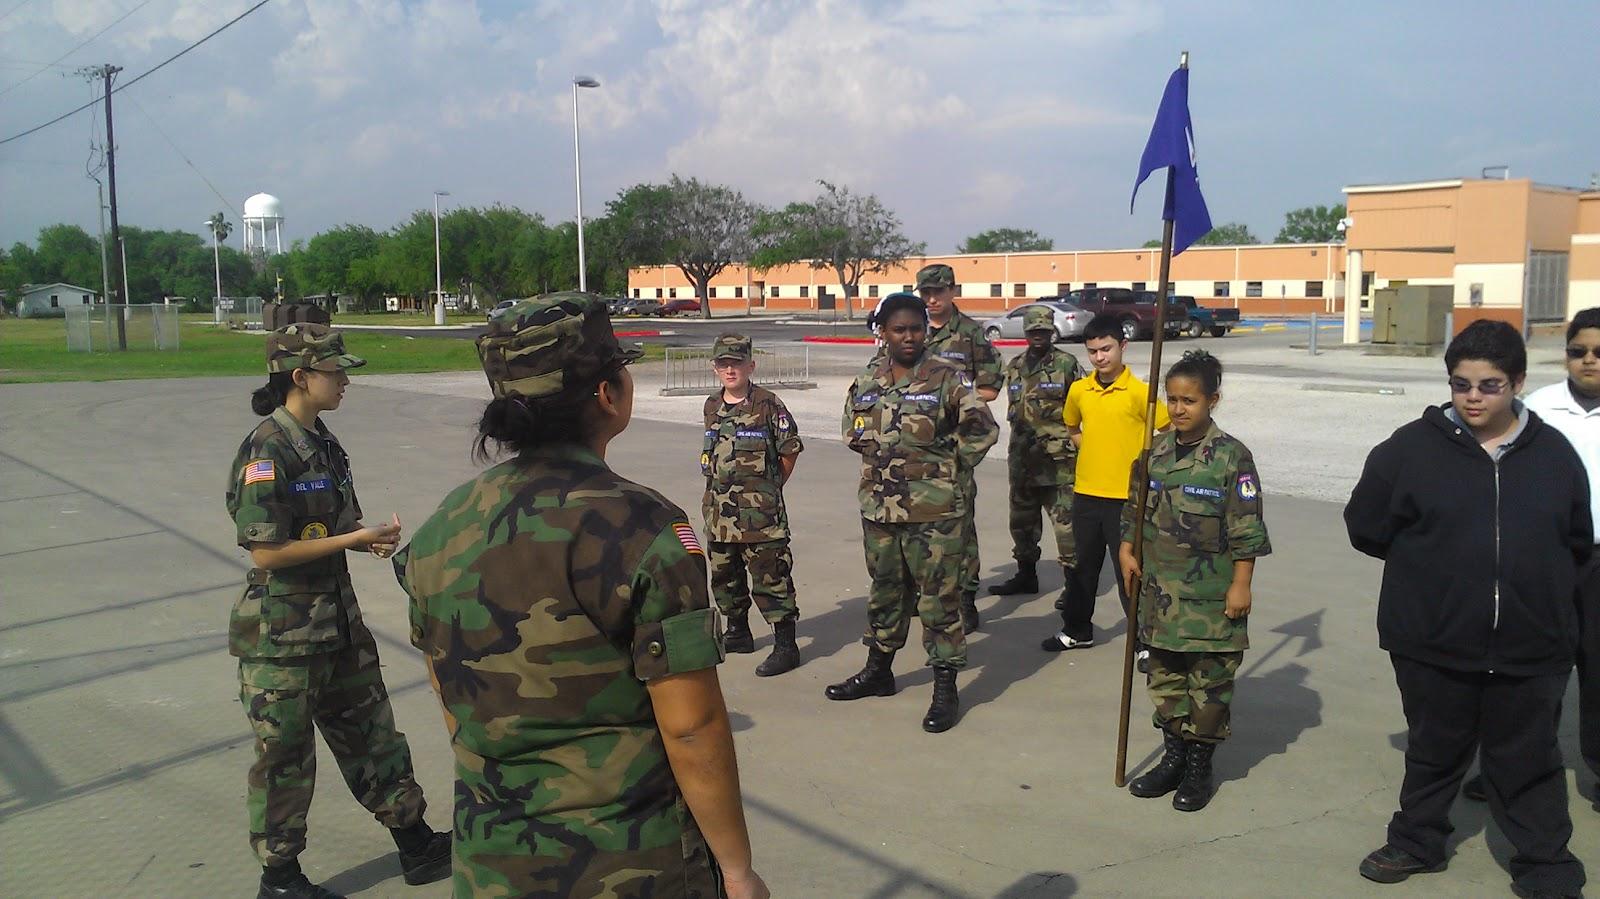 South Texas Civil Air Patrol Public Affairs Blog March